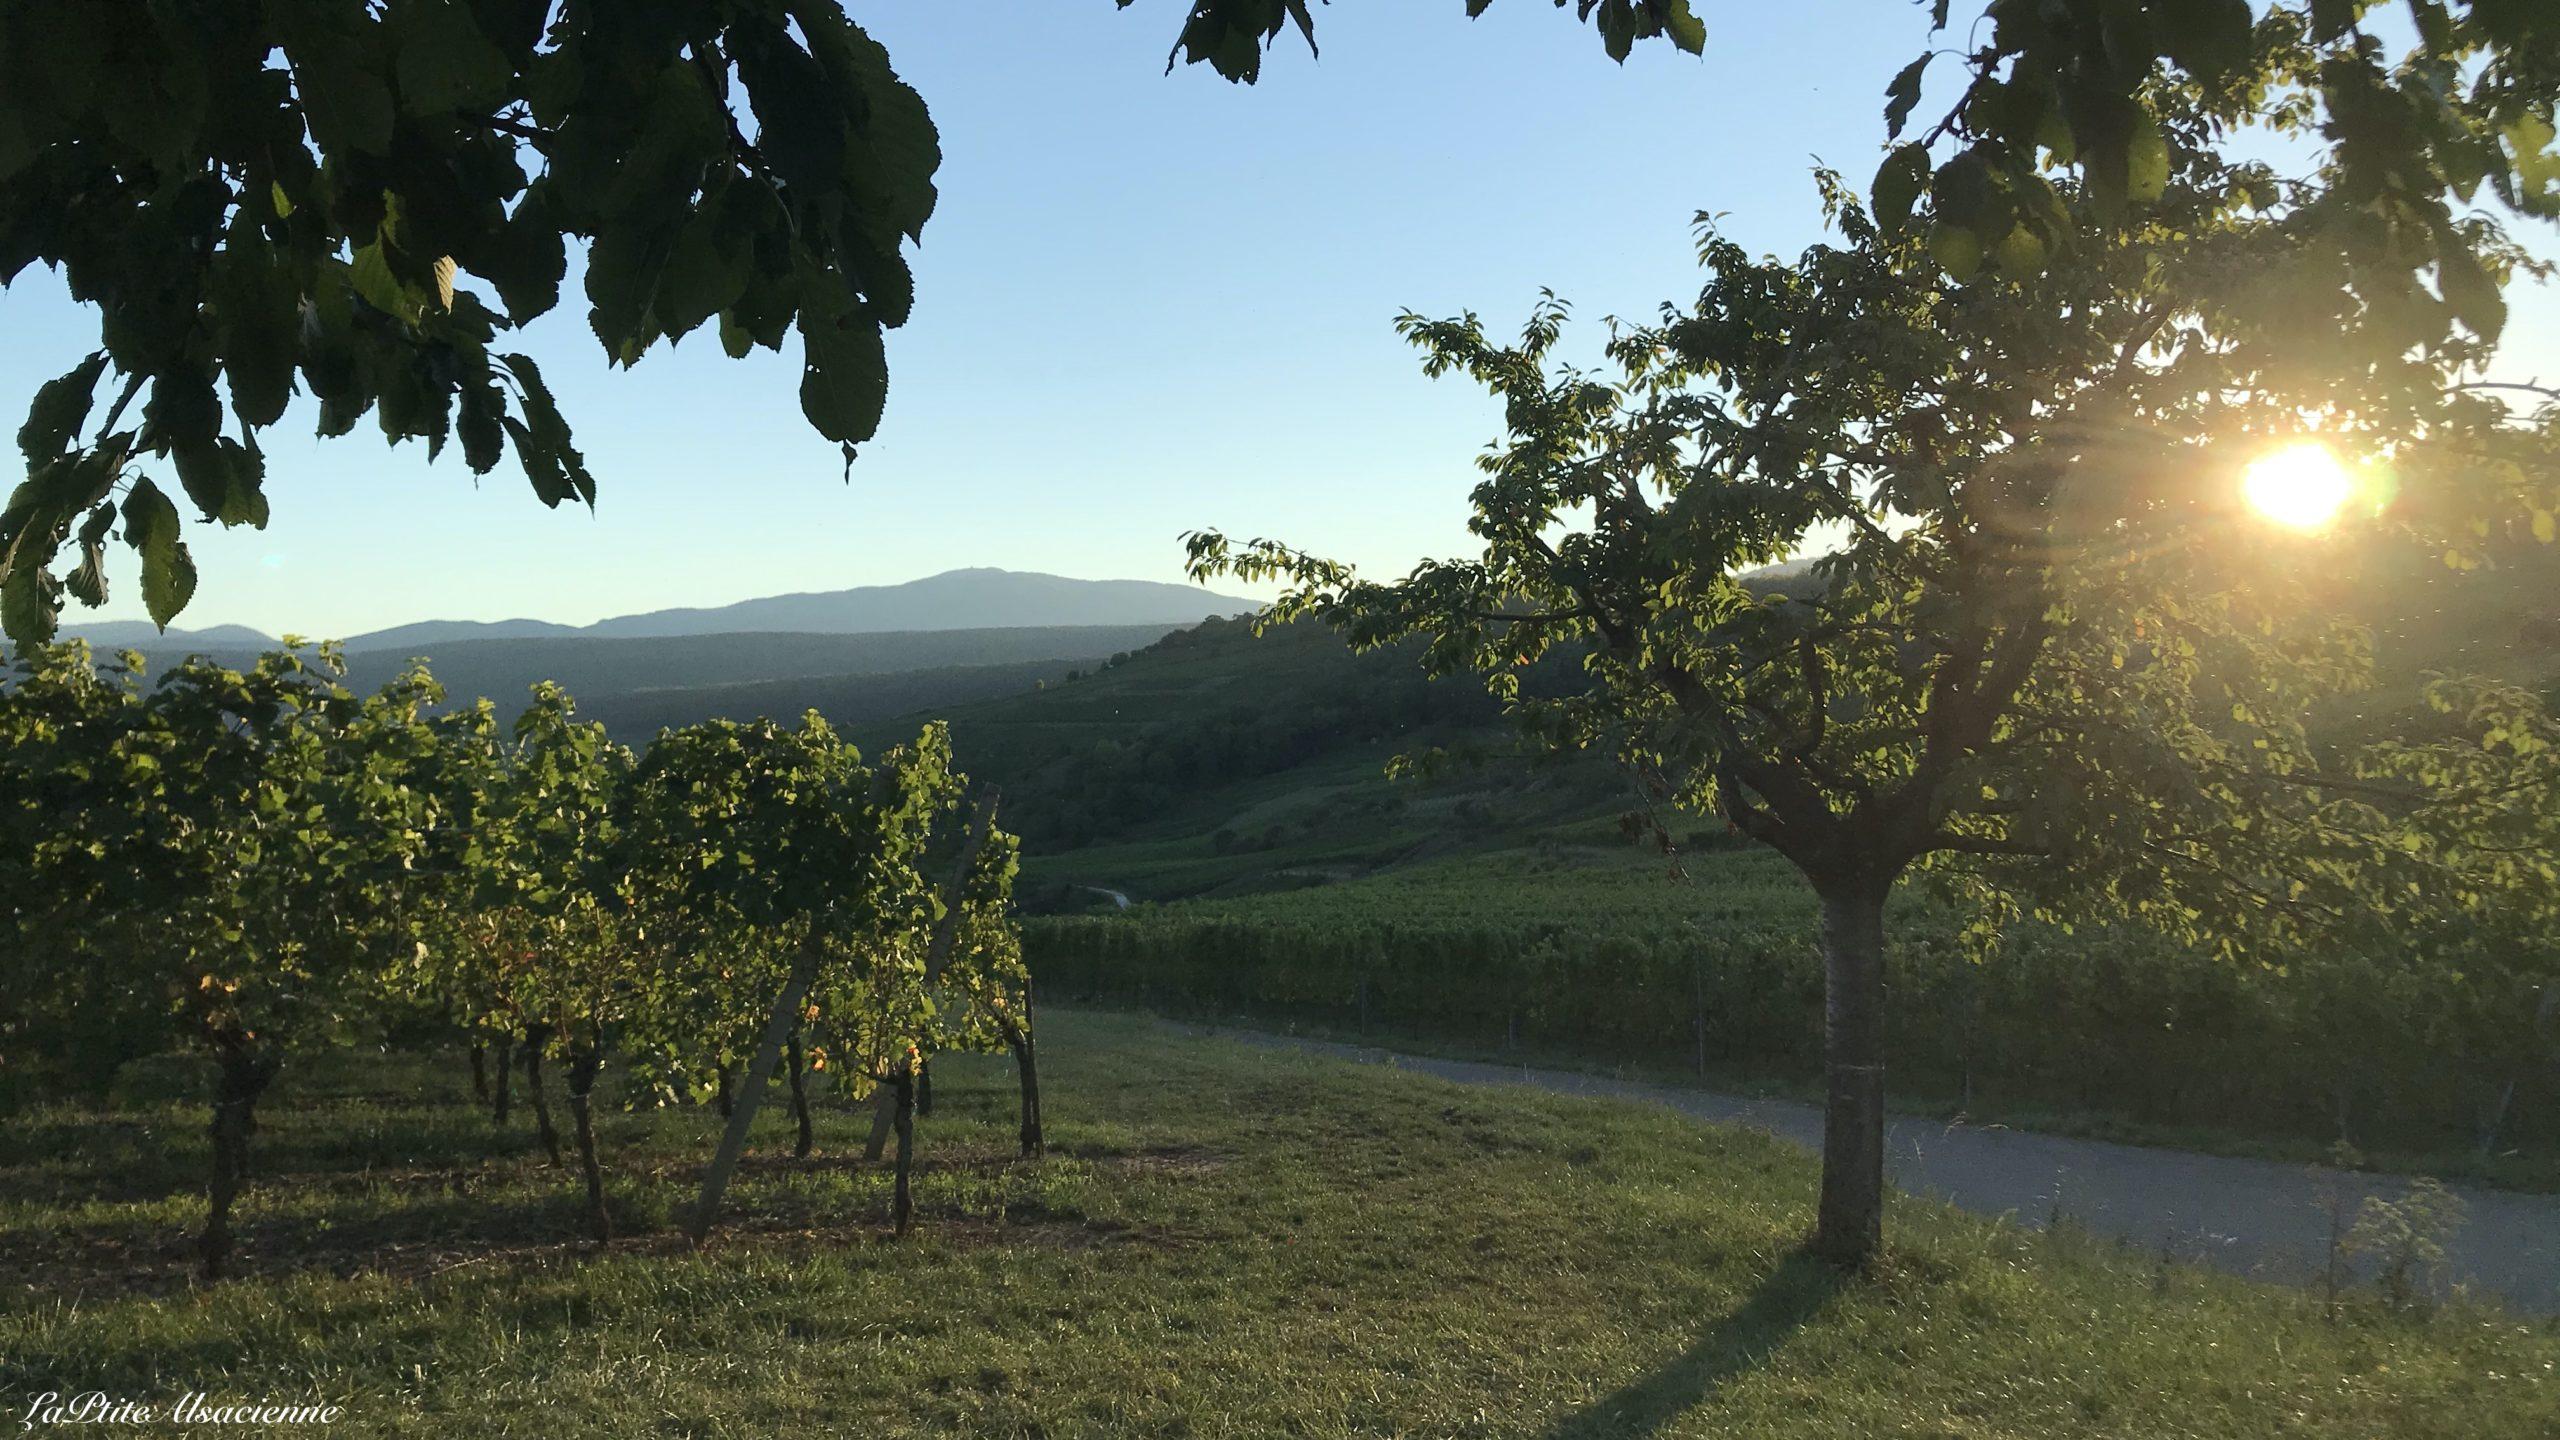 Magnifique coucher de soleil sur le vignoble alsacien, et vue sur le Grand Ballon - Photo by Cendrine Miesch dite LaPtiteAlsacienne